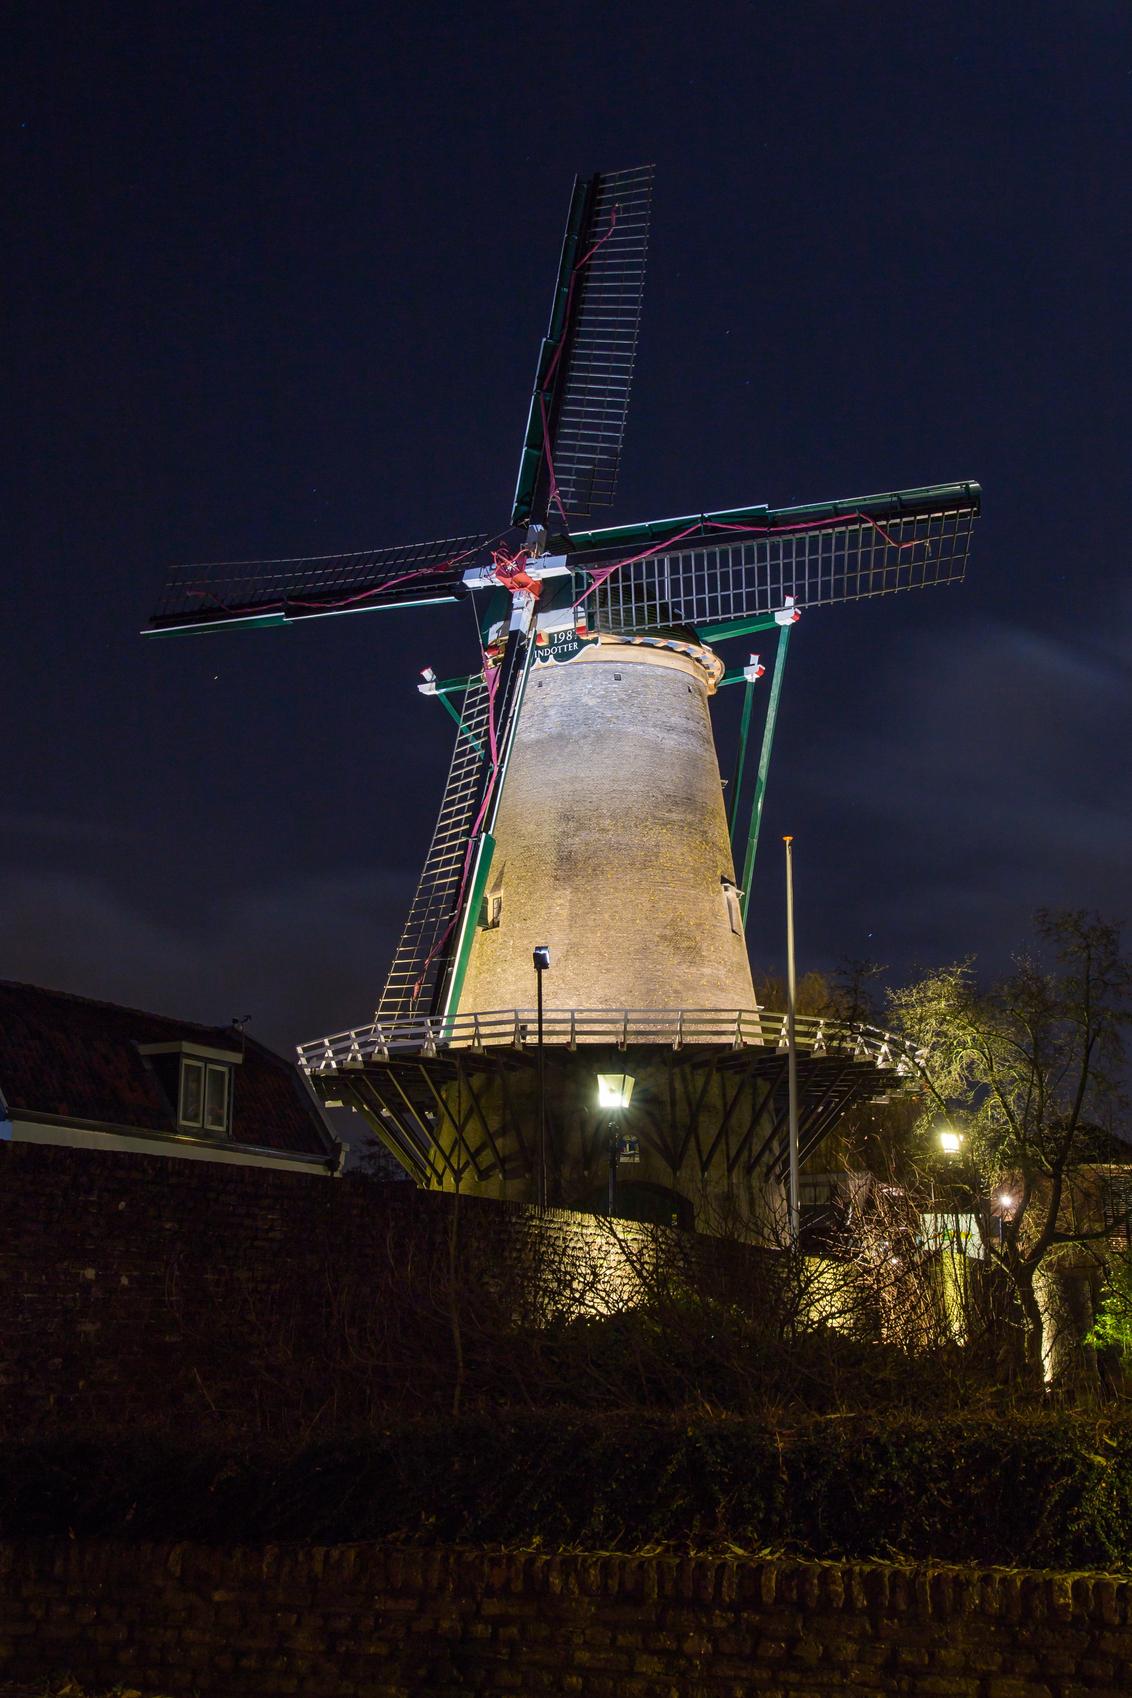 De molen in IJsselstein - Spotlights op de molen 'by night' - foto door marijkevano op 12-12-2019 - deze foto bevat: avond, architectuur, molen; verlichting